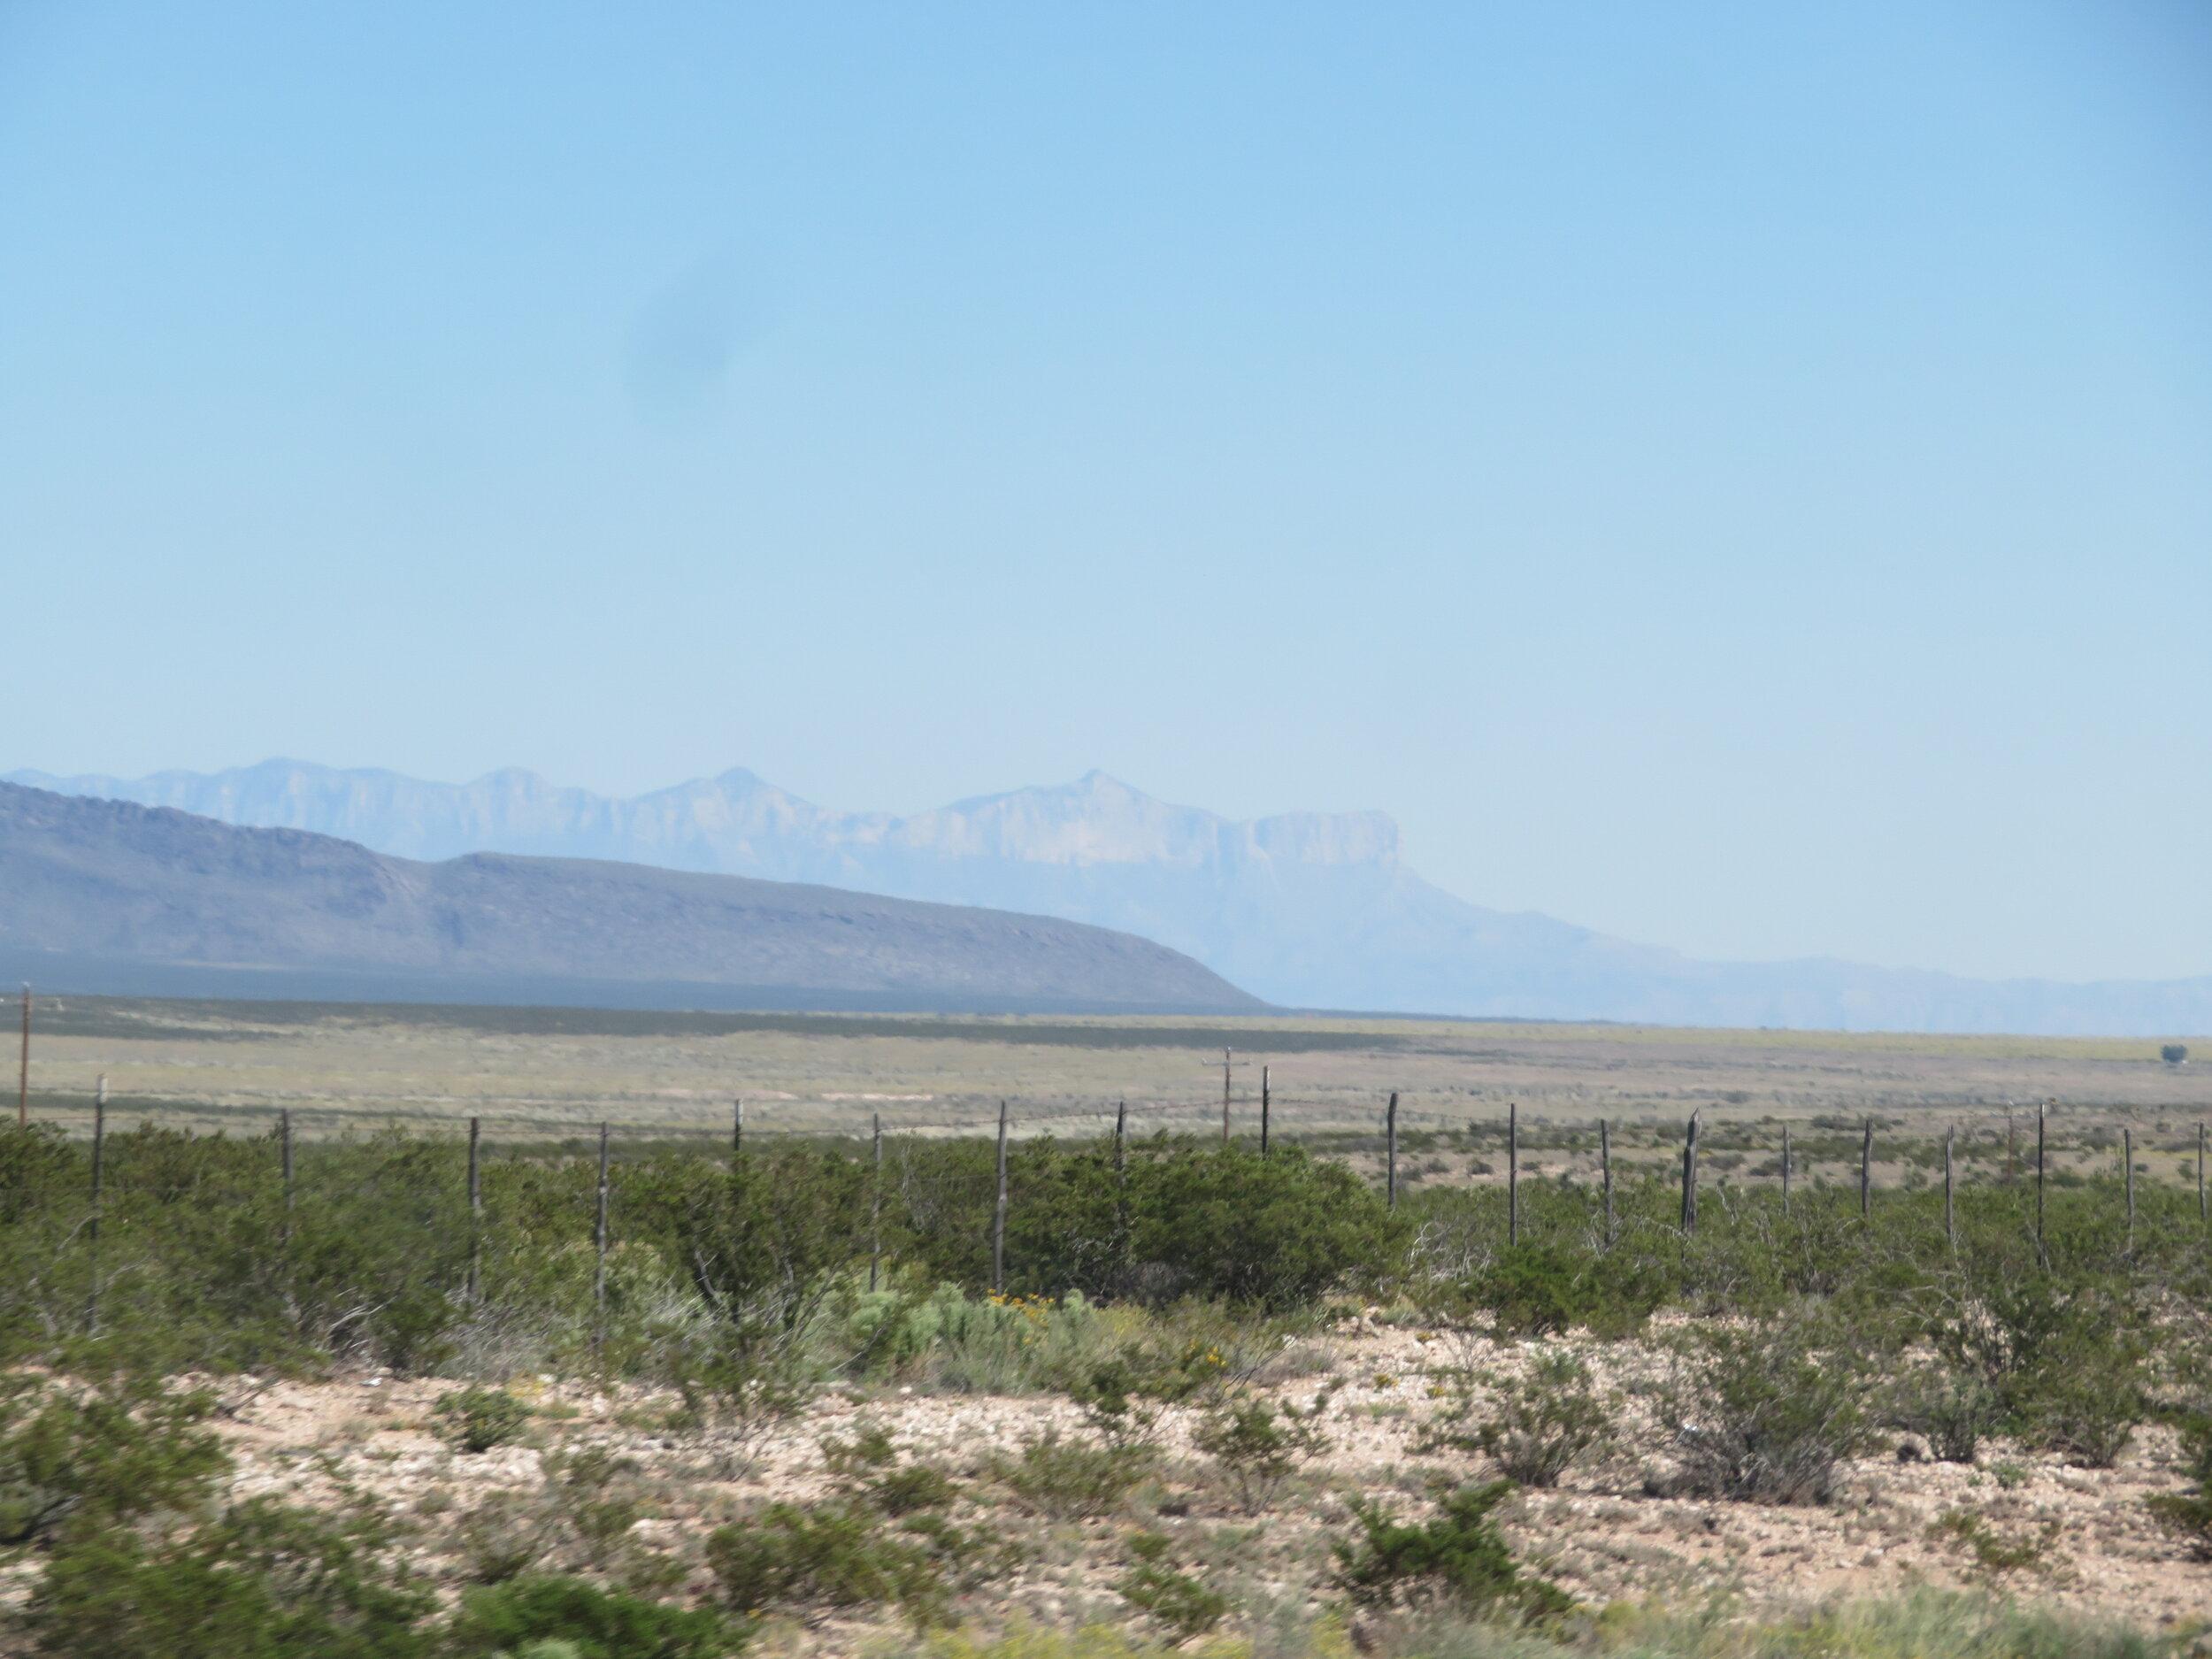 El Capitan - 90 miles away